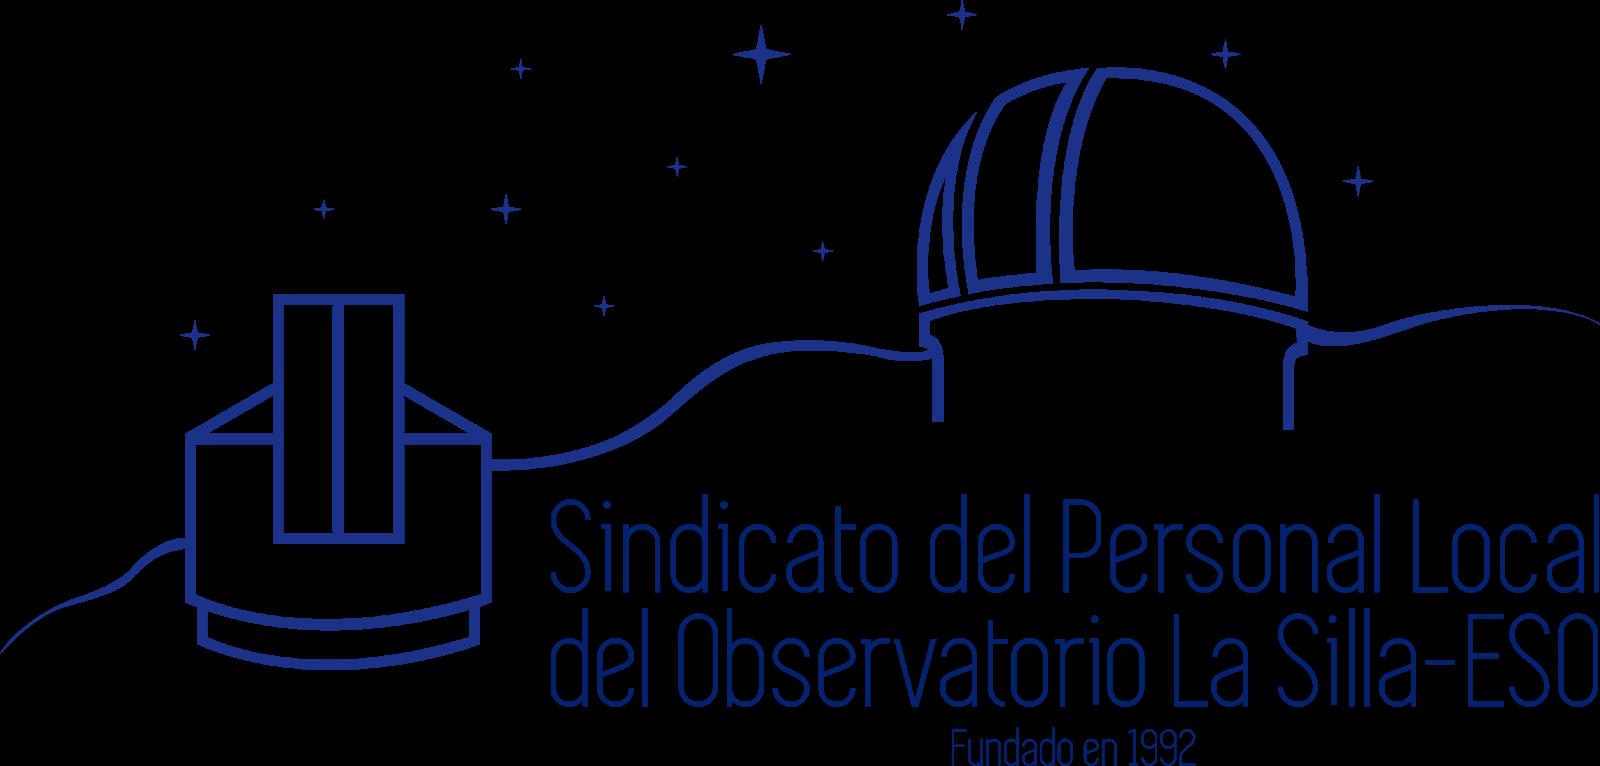 Observatorio La Silla-ESO